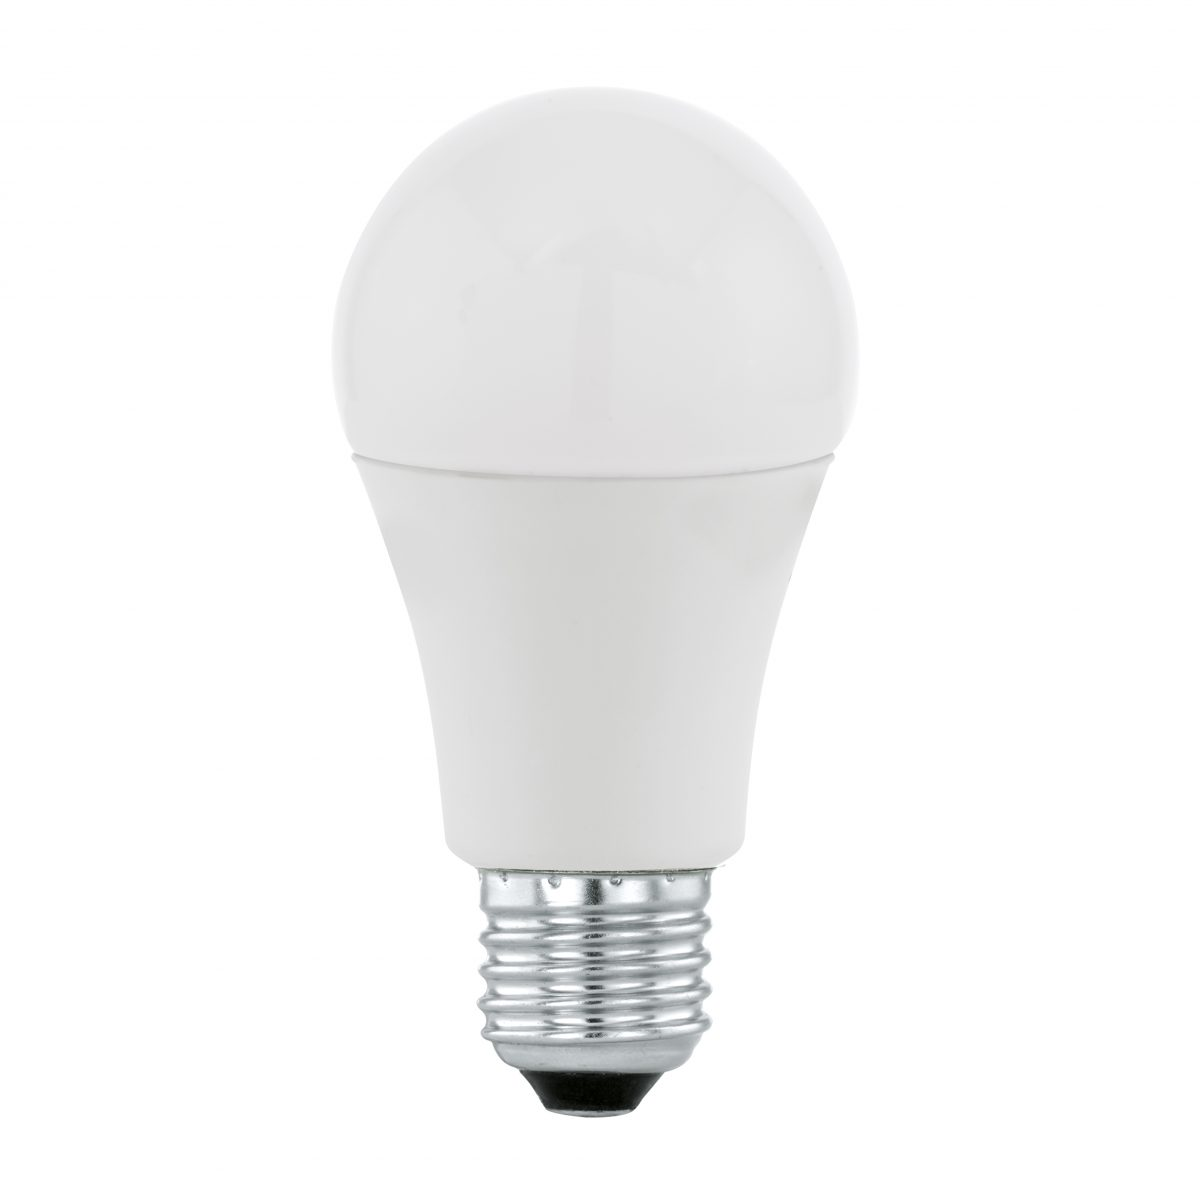 Лампа полупроводниковая LED EGLO 11545 - Фото №28